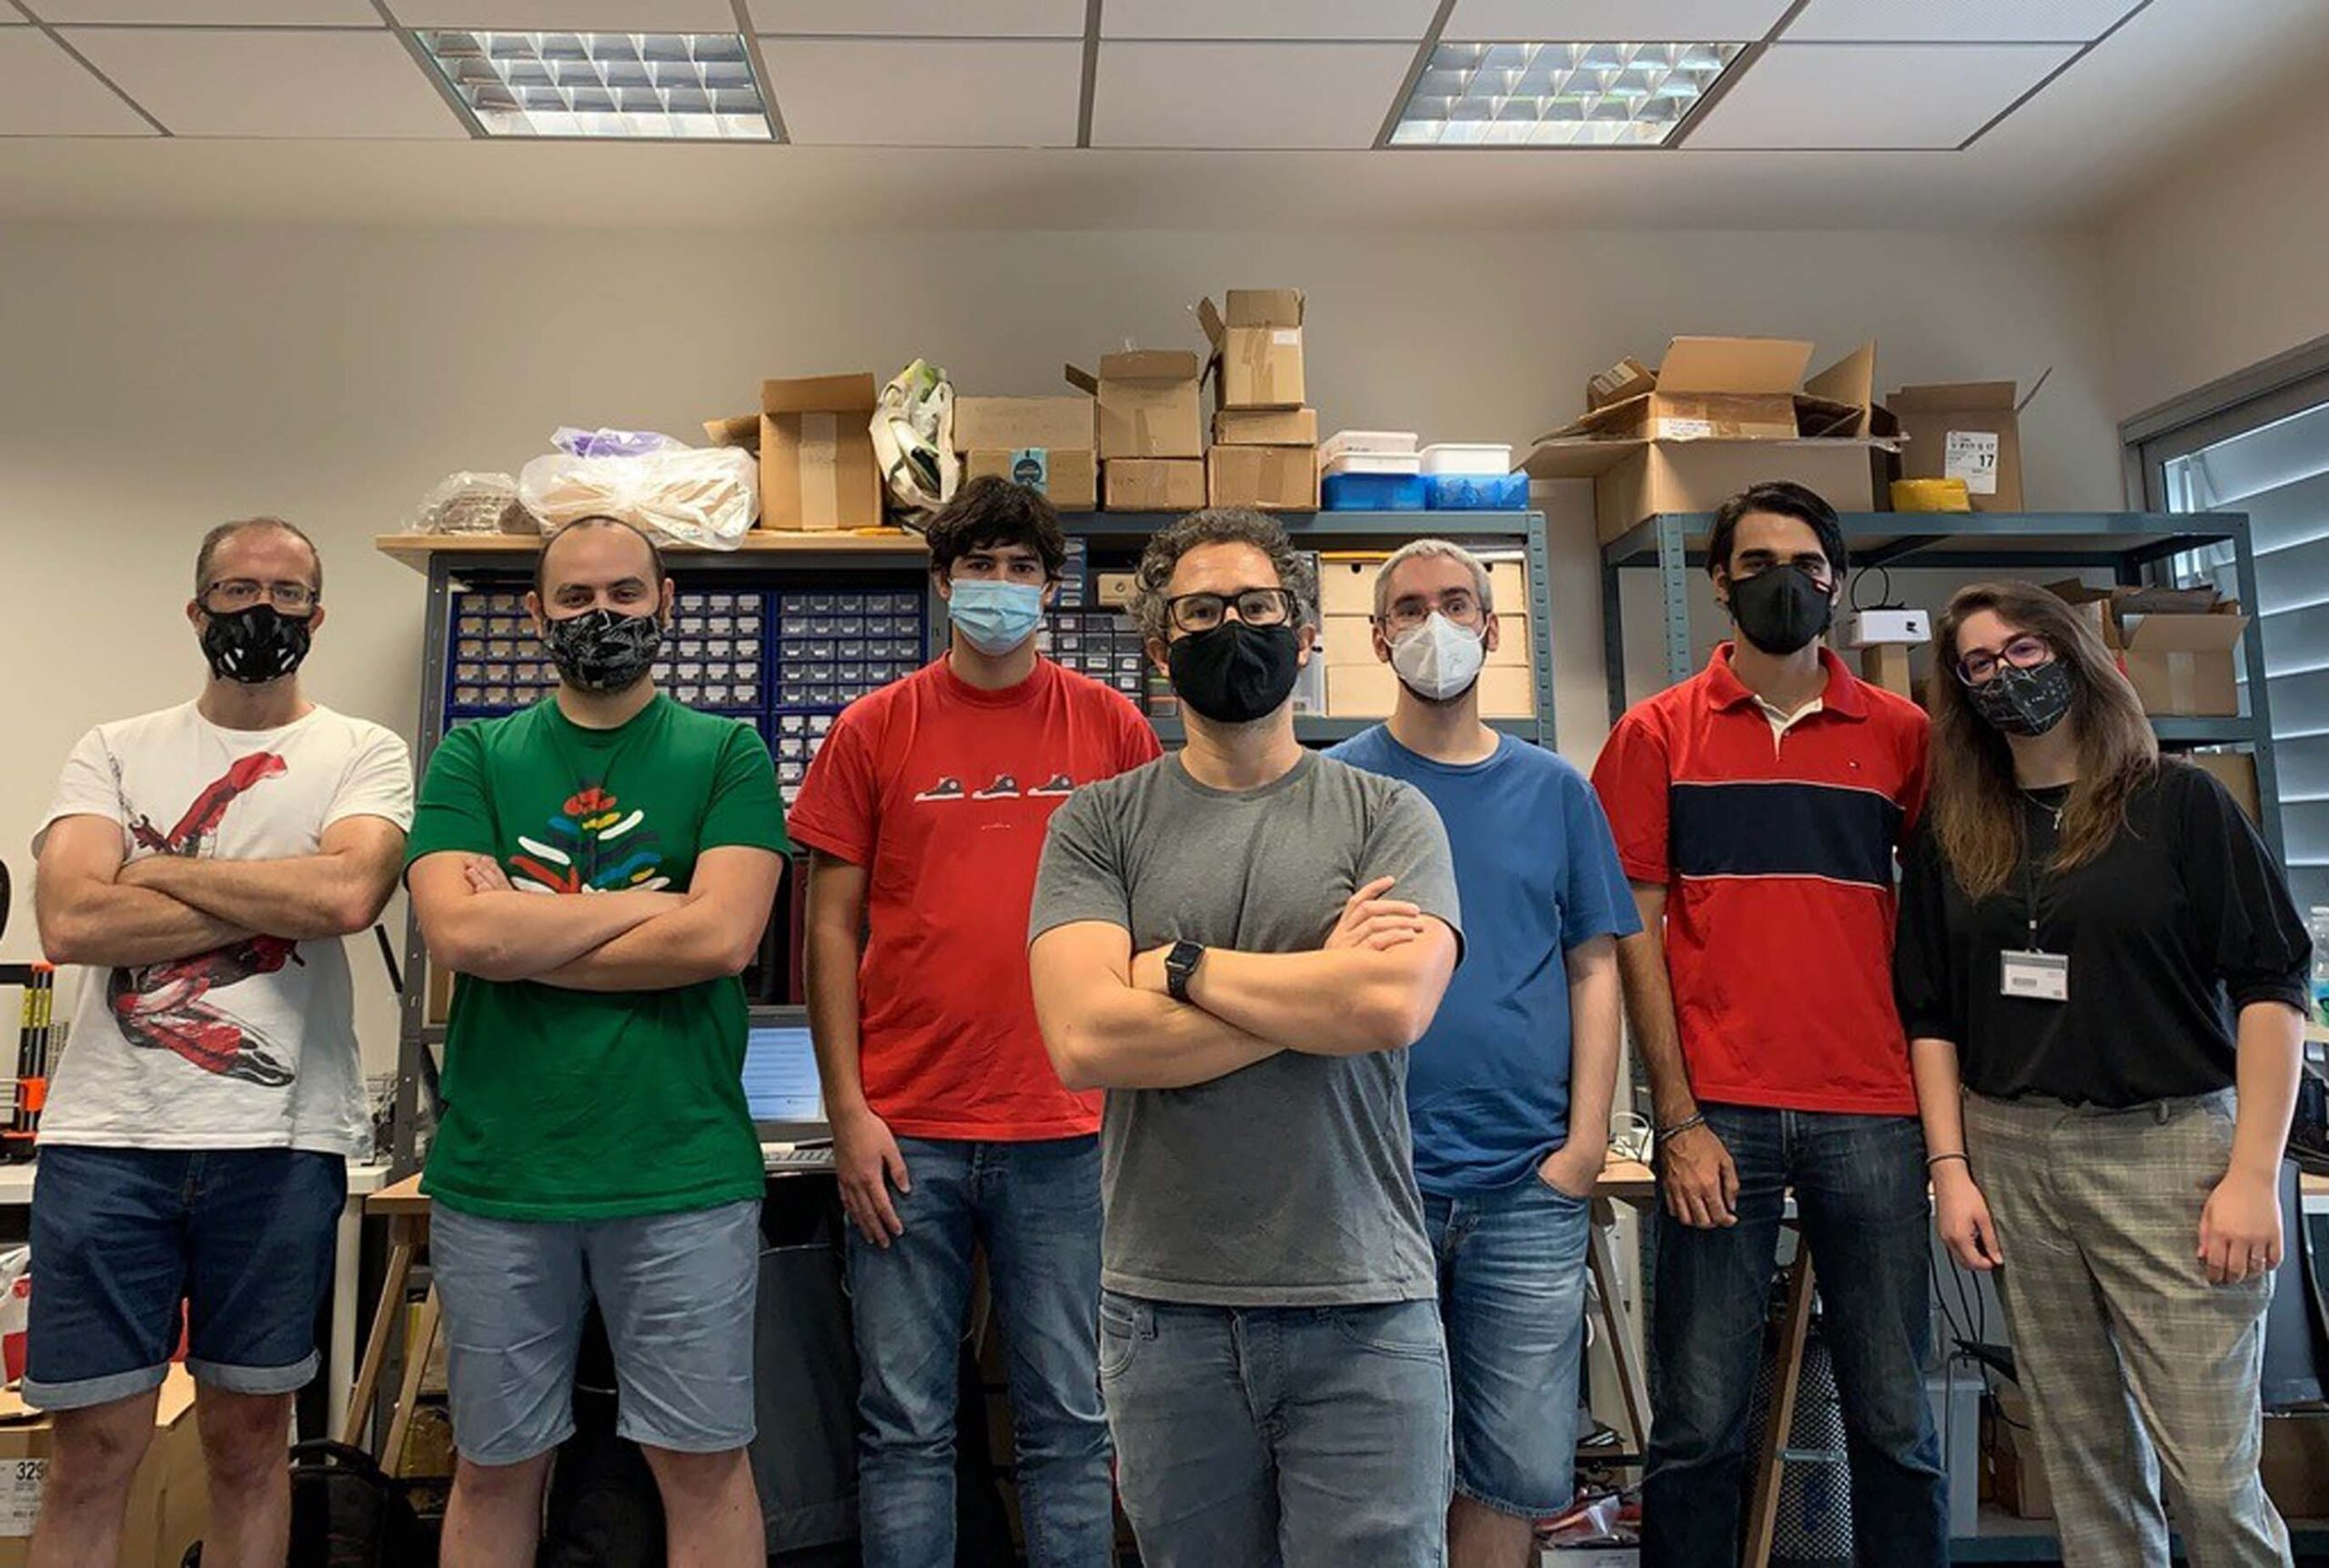 Imagen destacada La Siesta Technologies amplía capital por 30.000 euros para aumentar el equipo